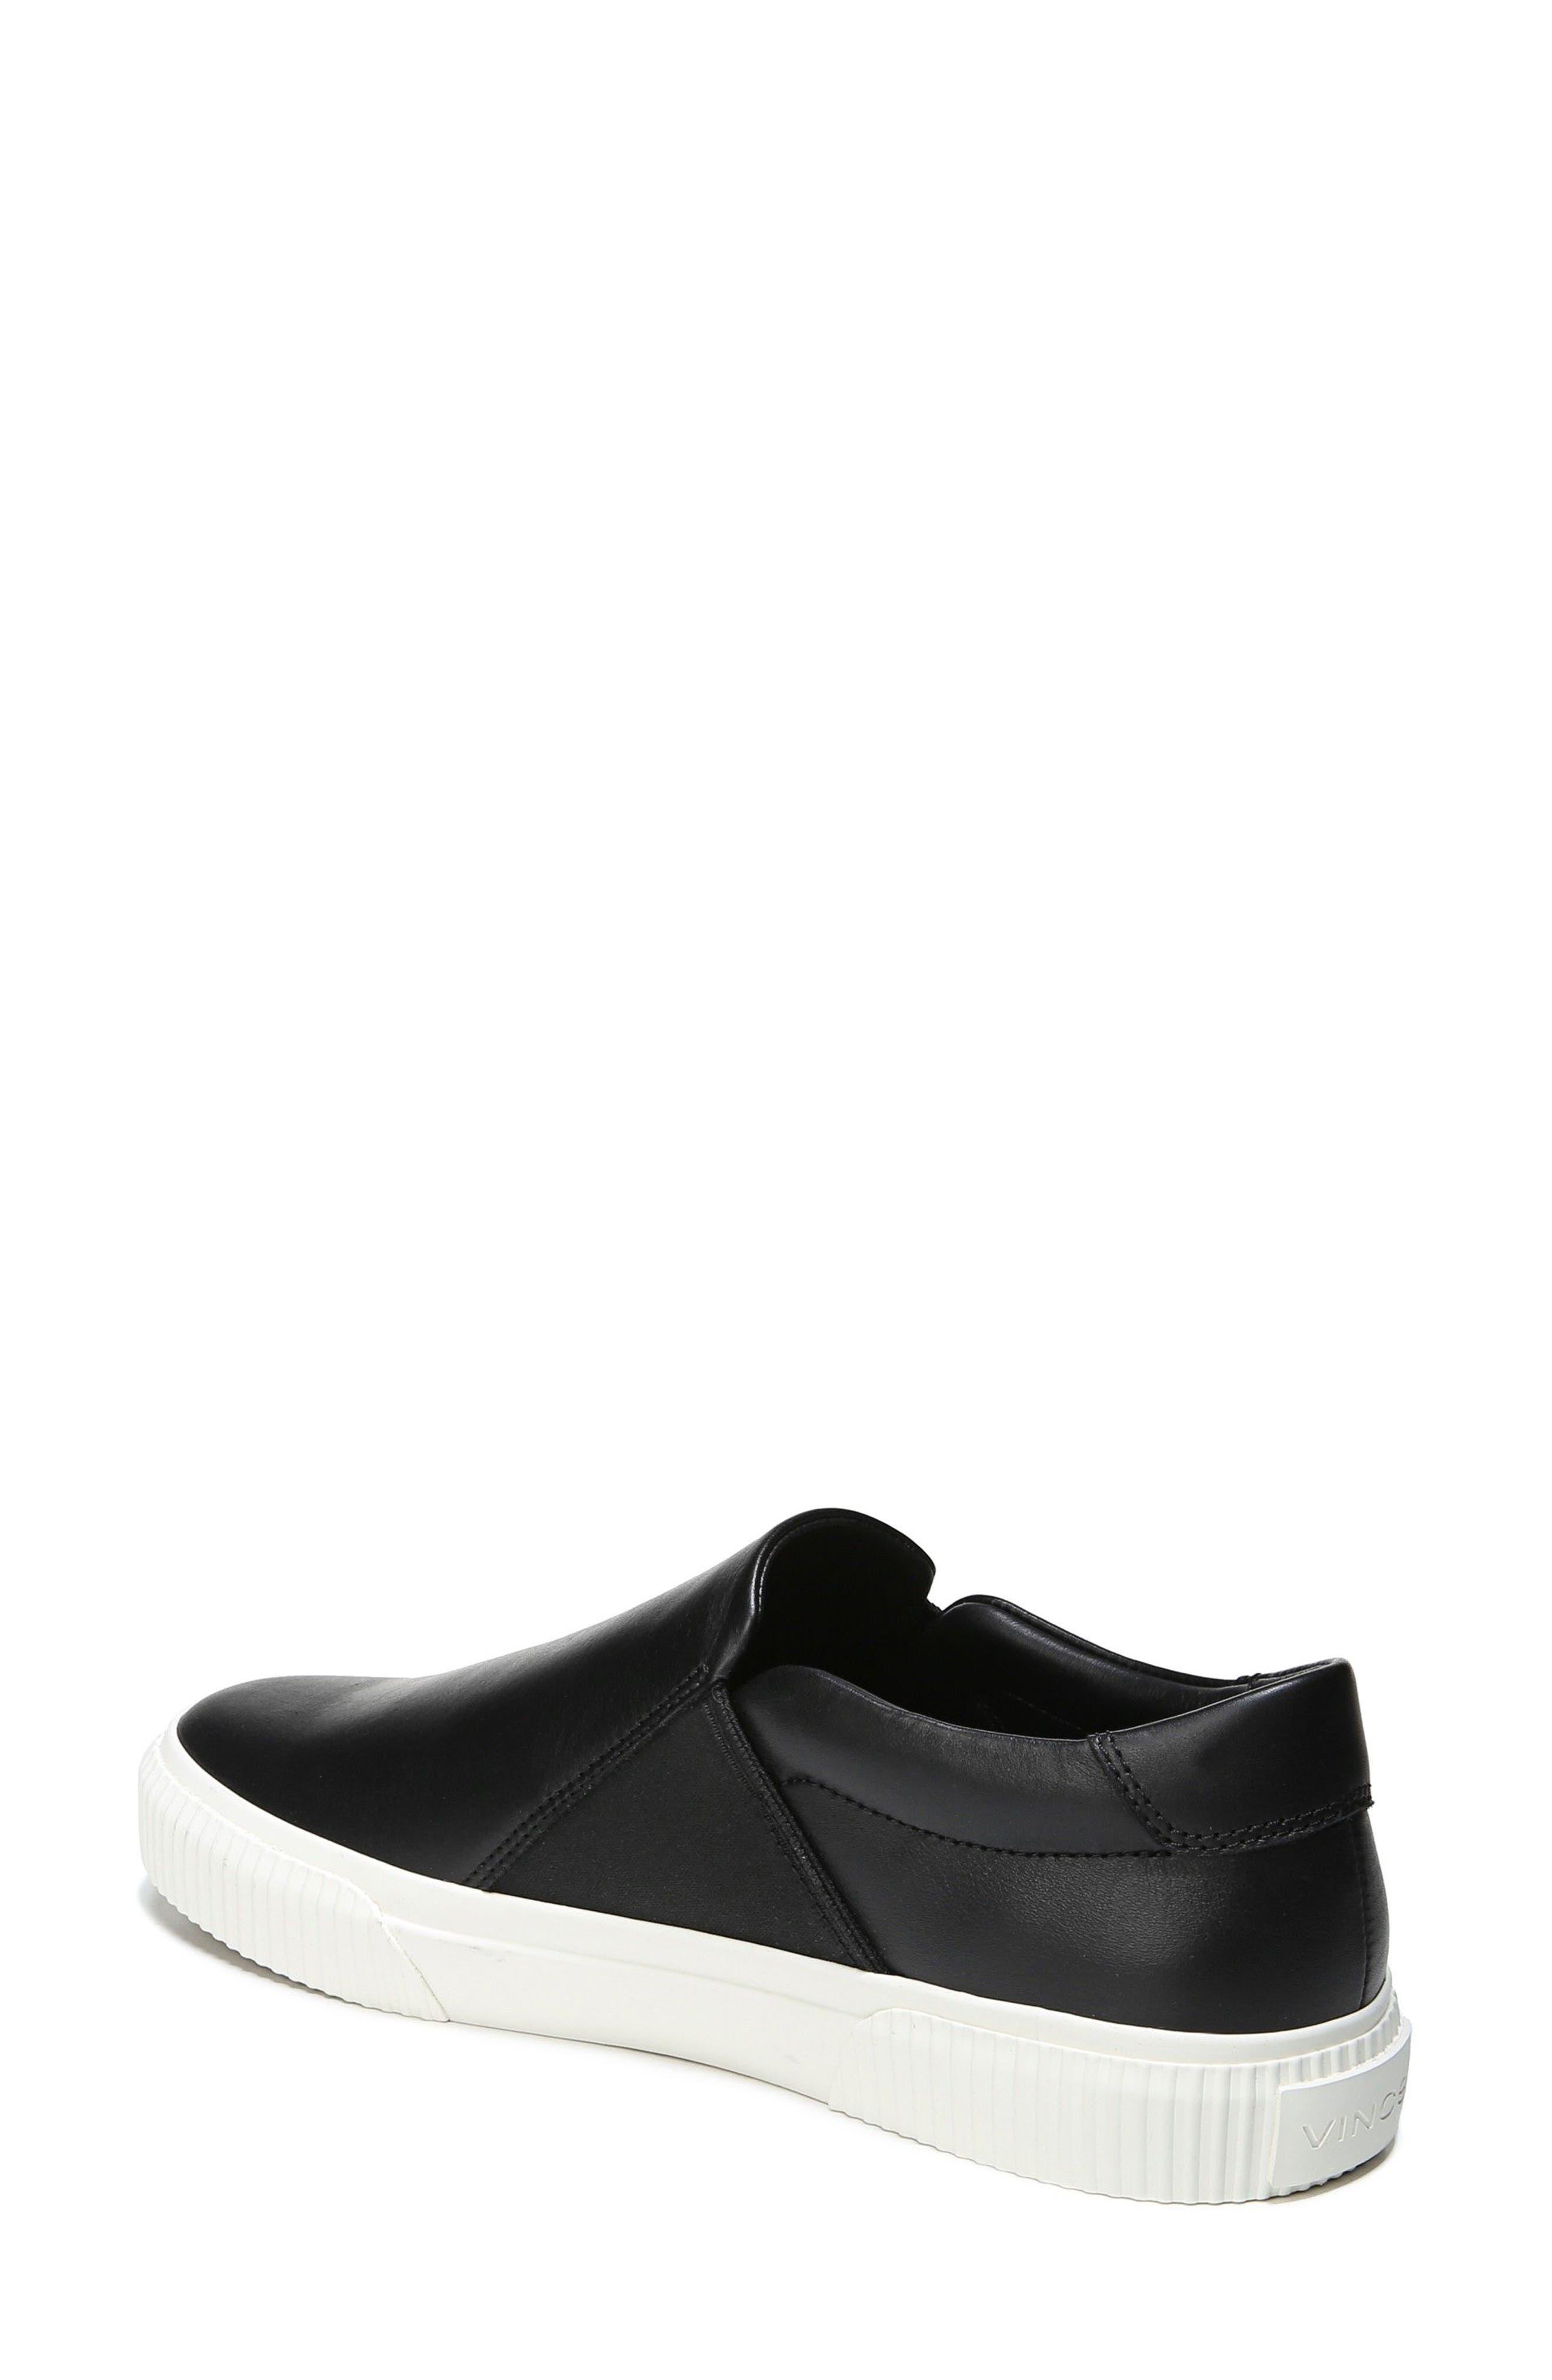 Knox Slip-On Sneaker,                             Alternate thumbnail 3, color,